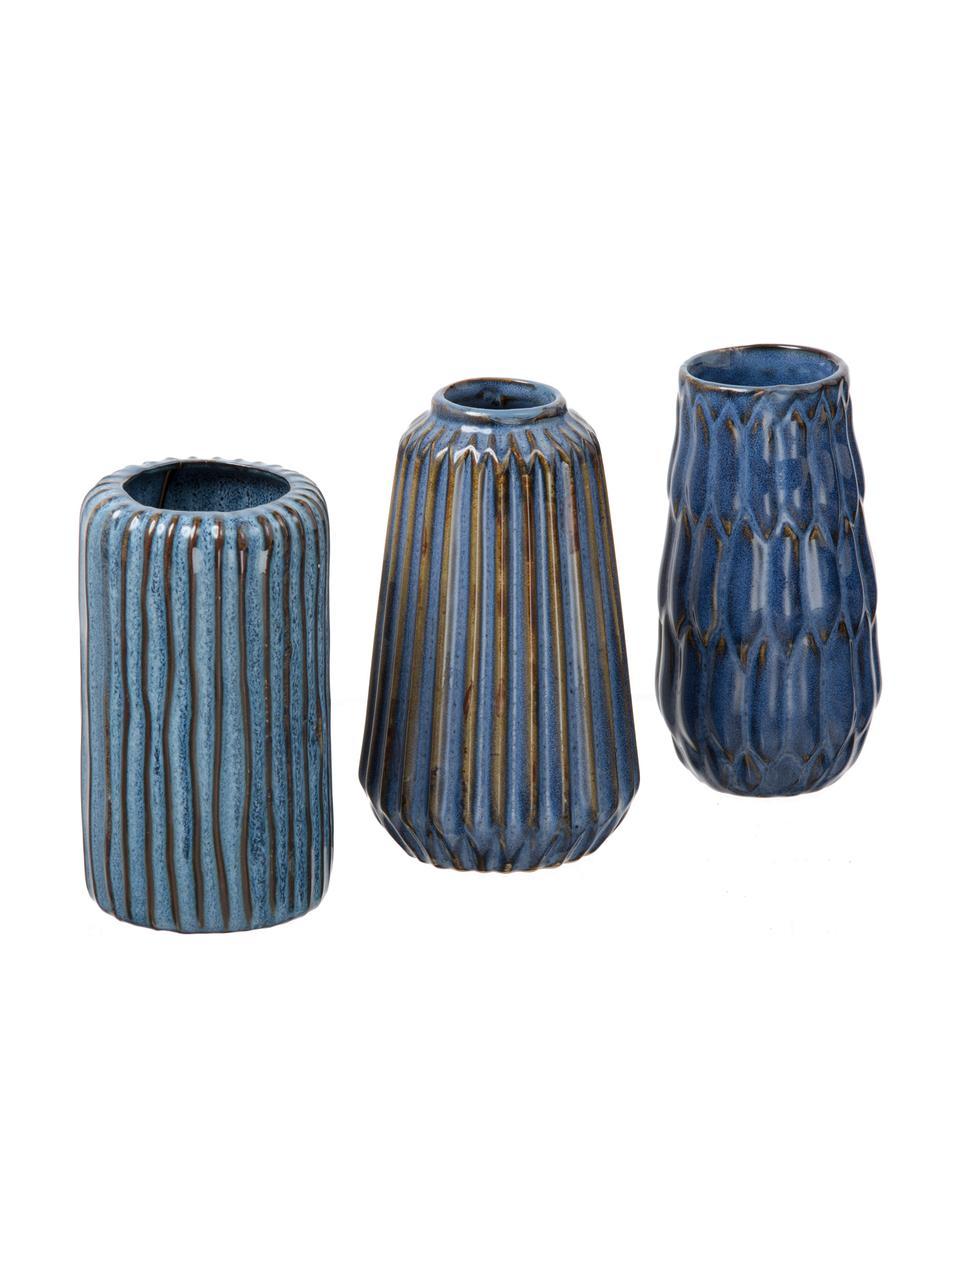 Kleines Vasen-Set Aquarel aus Porzellan, 3-tlg., Porzellan, Blautöne mit Farbverlauf, Sondergrößen